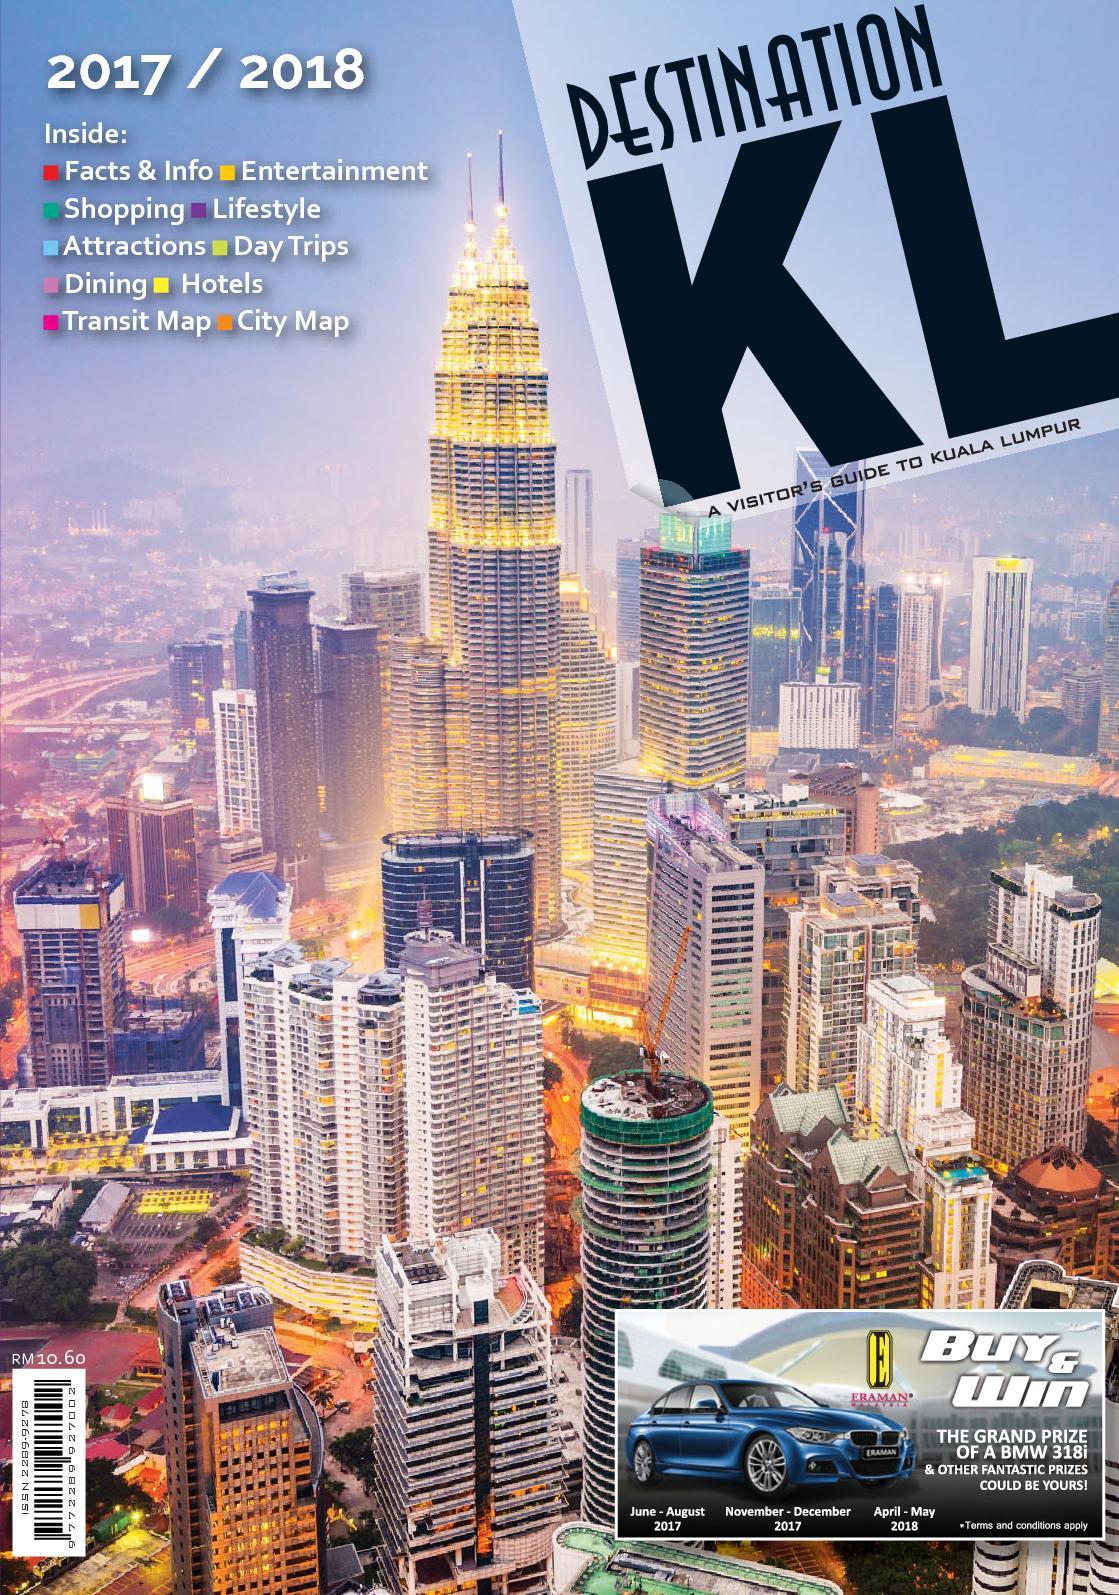 Calamo Destination Kl 2017 2018 Tiket Masuk Sky 100 Hongkong Anak